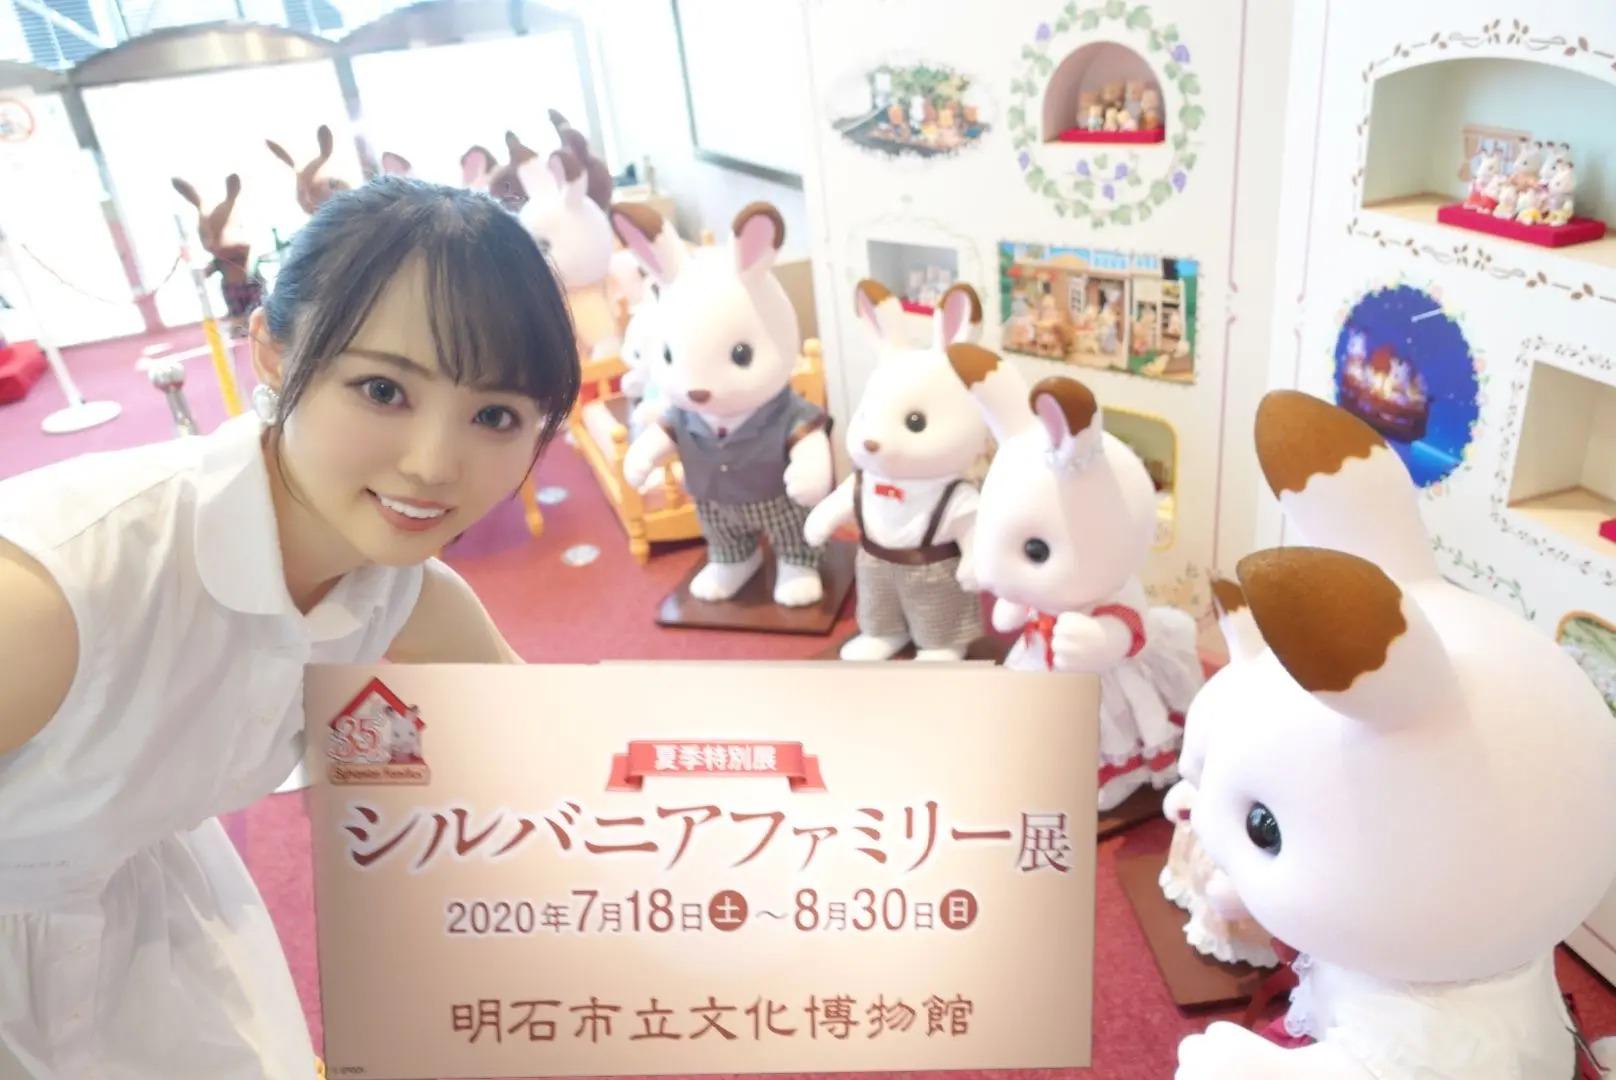 『東京ディズニーリゾート』周辺、愛犬と快適にステイできるホテル♪【今週のMOREインフルエンサーズライフスタイル人気ランキング】_2